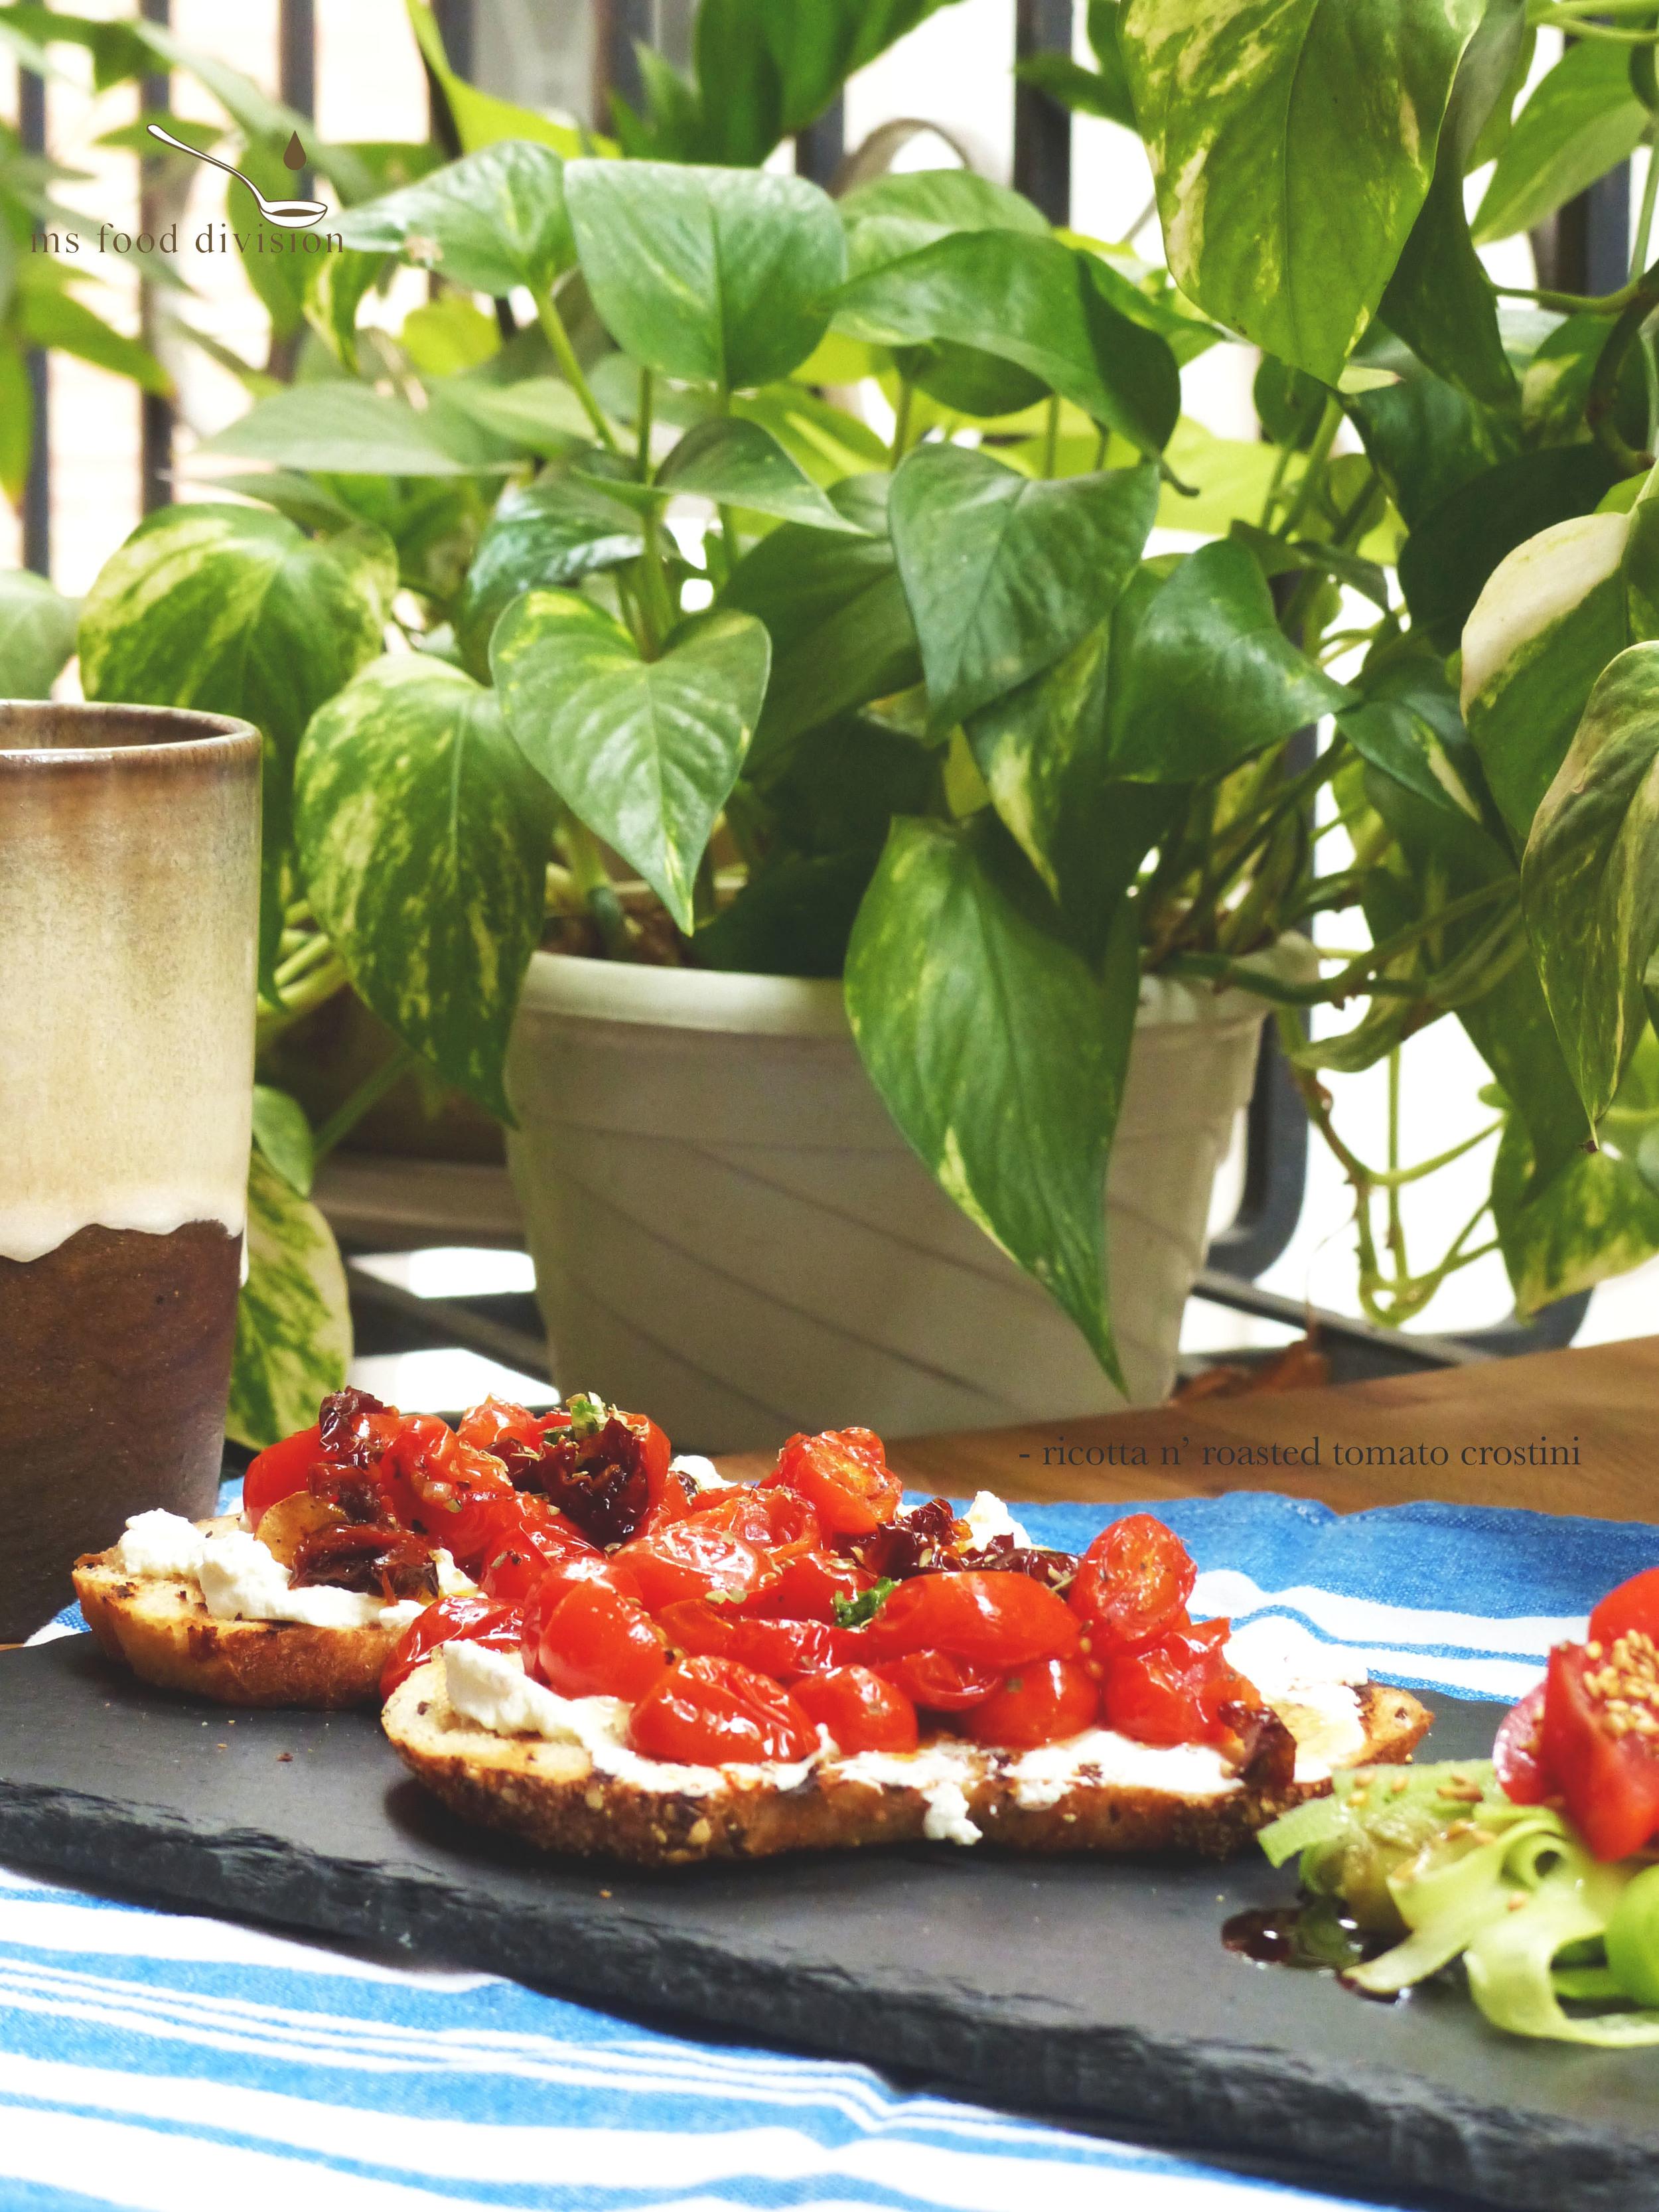 ricotta-tomato-crostini1.jpg